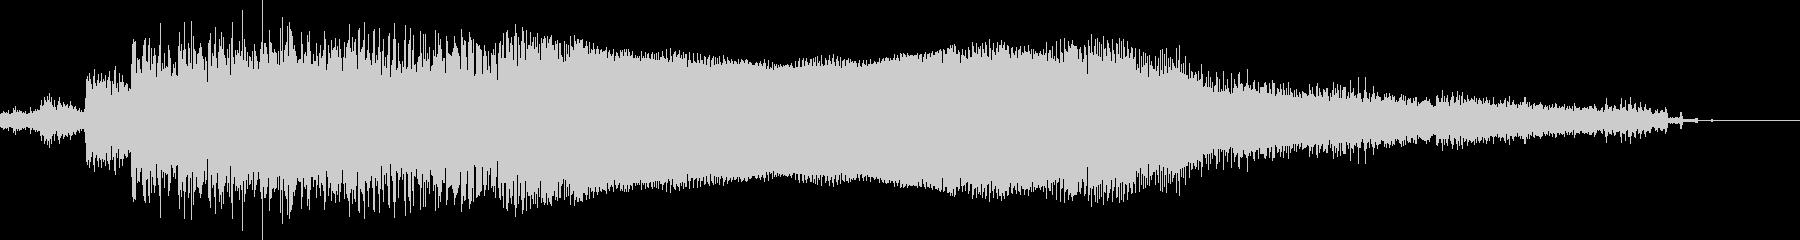 詳細なフィードバックエンジンサンプ...の未再生の波形